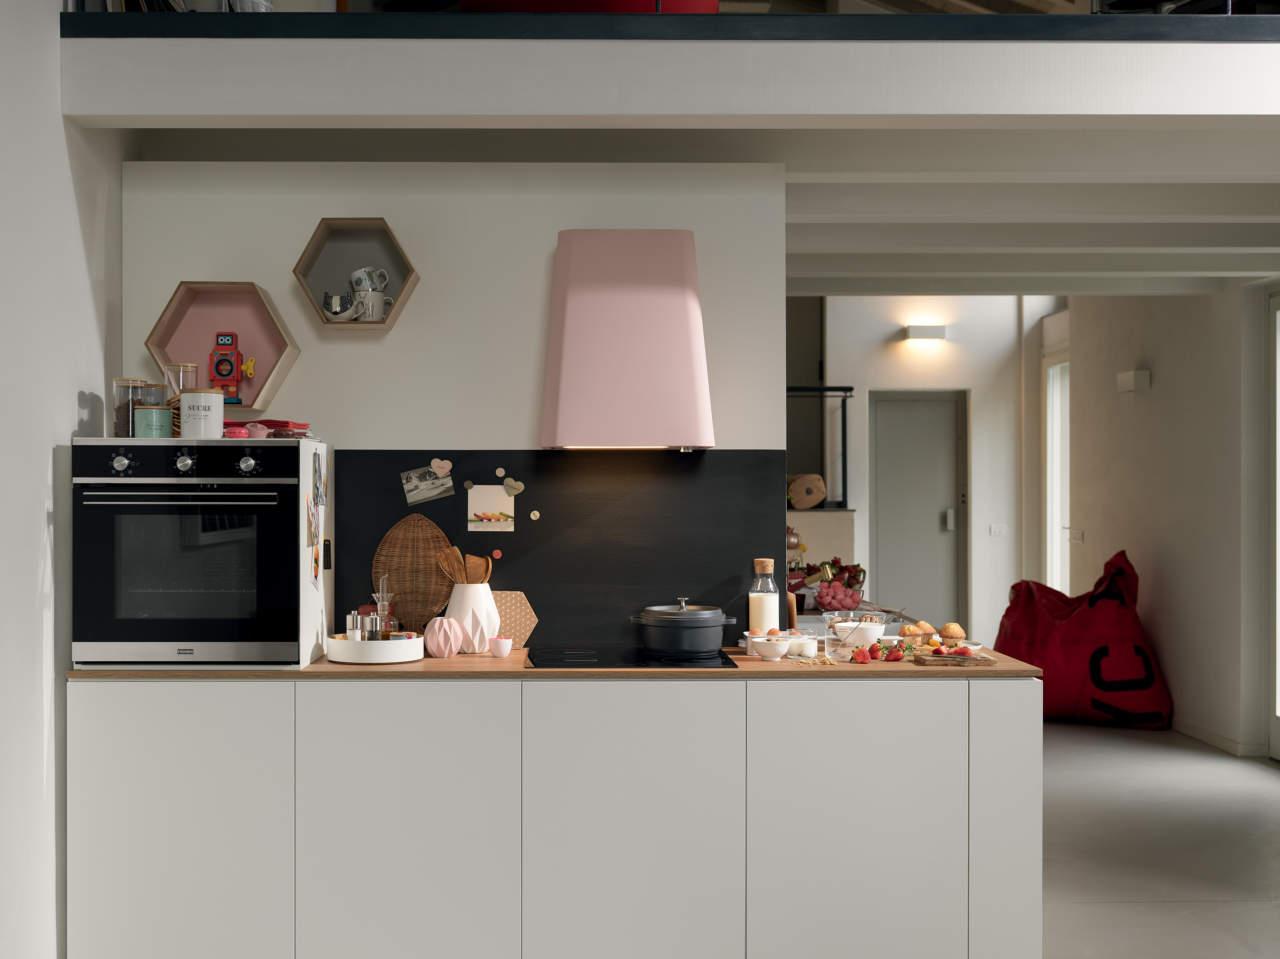 Progettare la cucina a colori con Franke | Ambiente Cucina